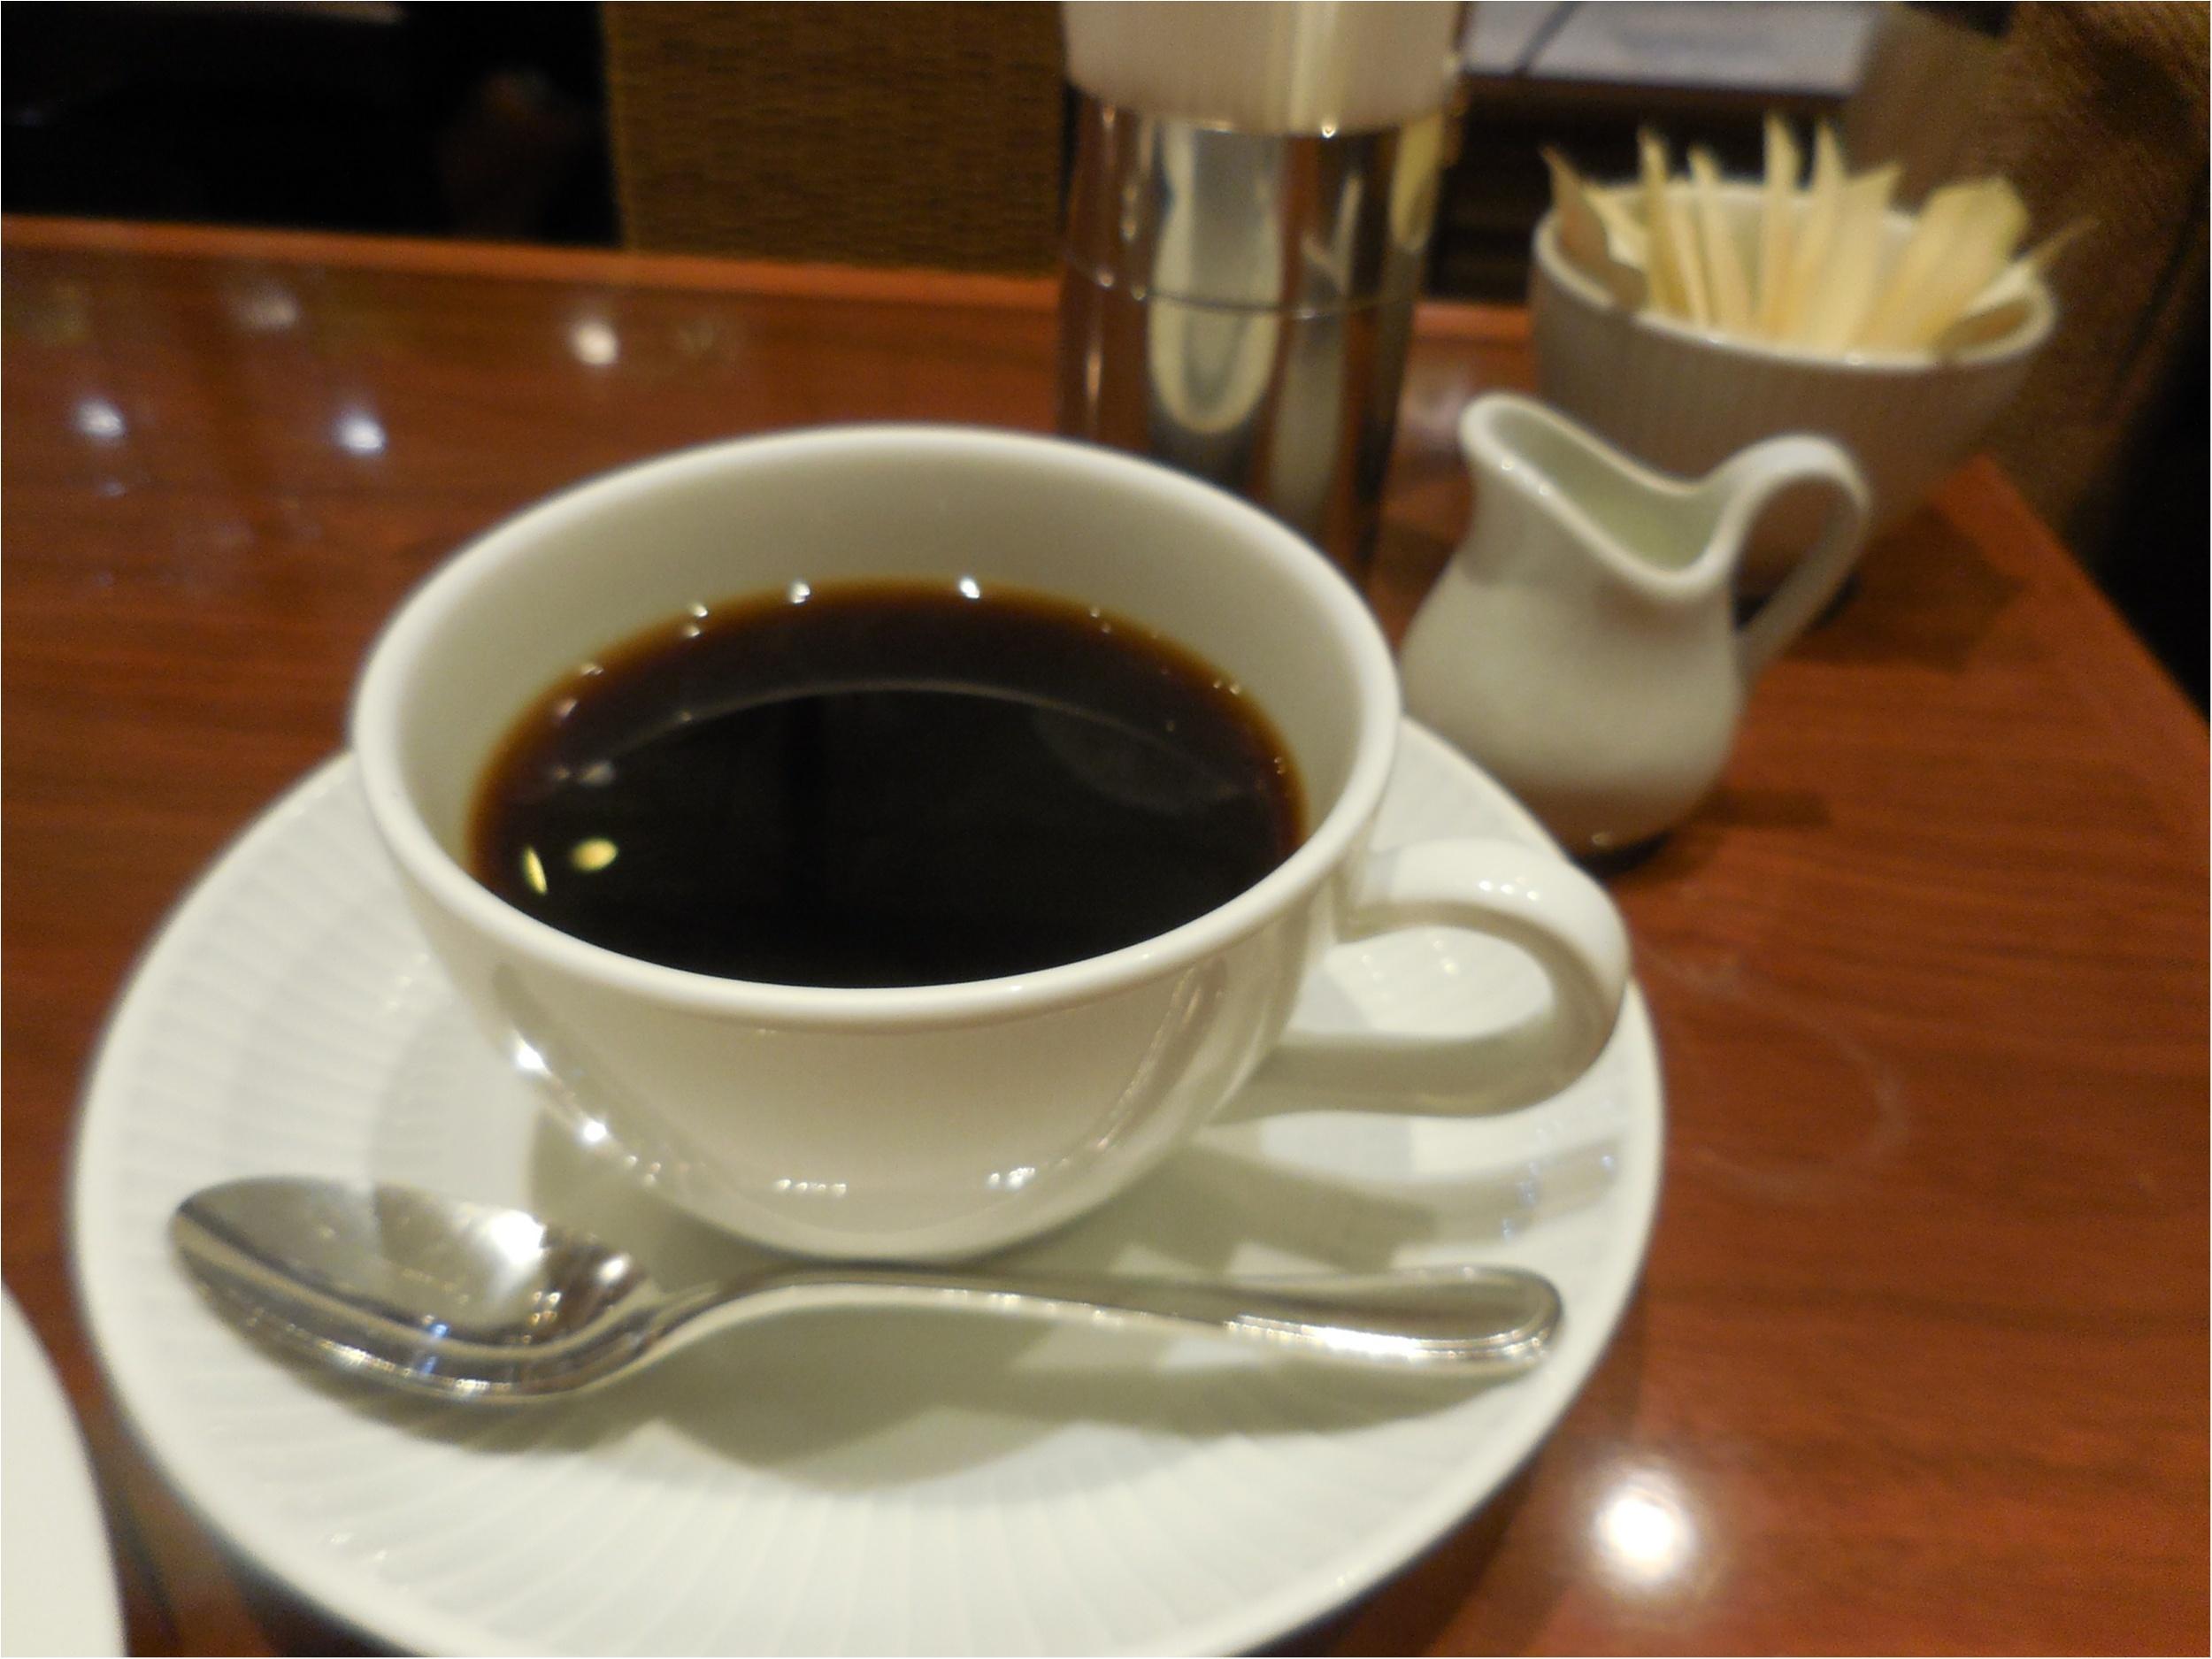 フレッシュフルーツケーキで有名な【ハーブス】はコーヒーがおかわりできる!_5